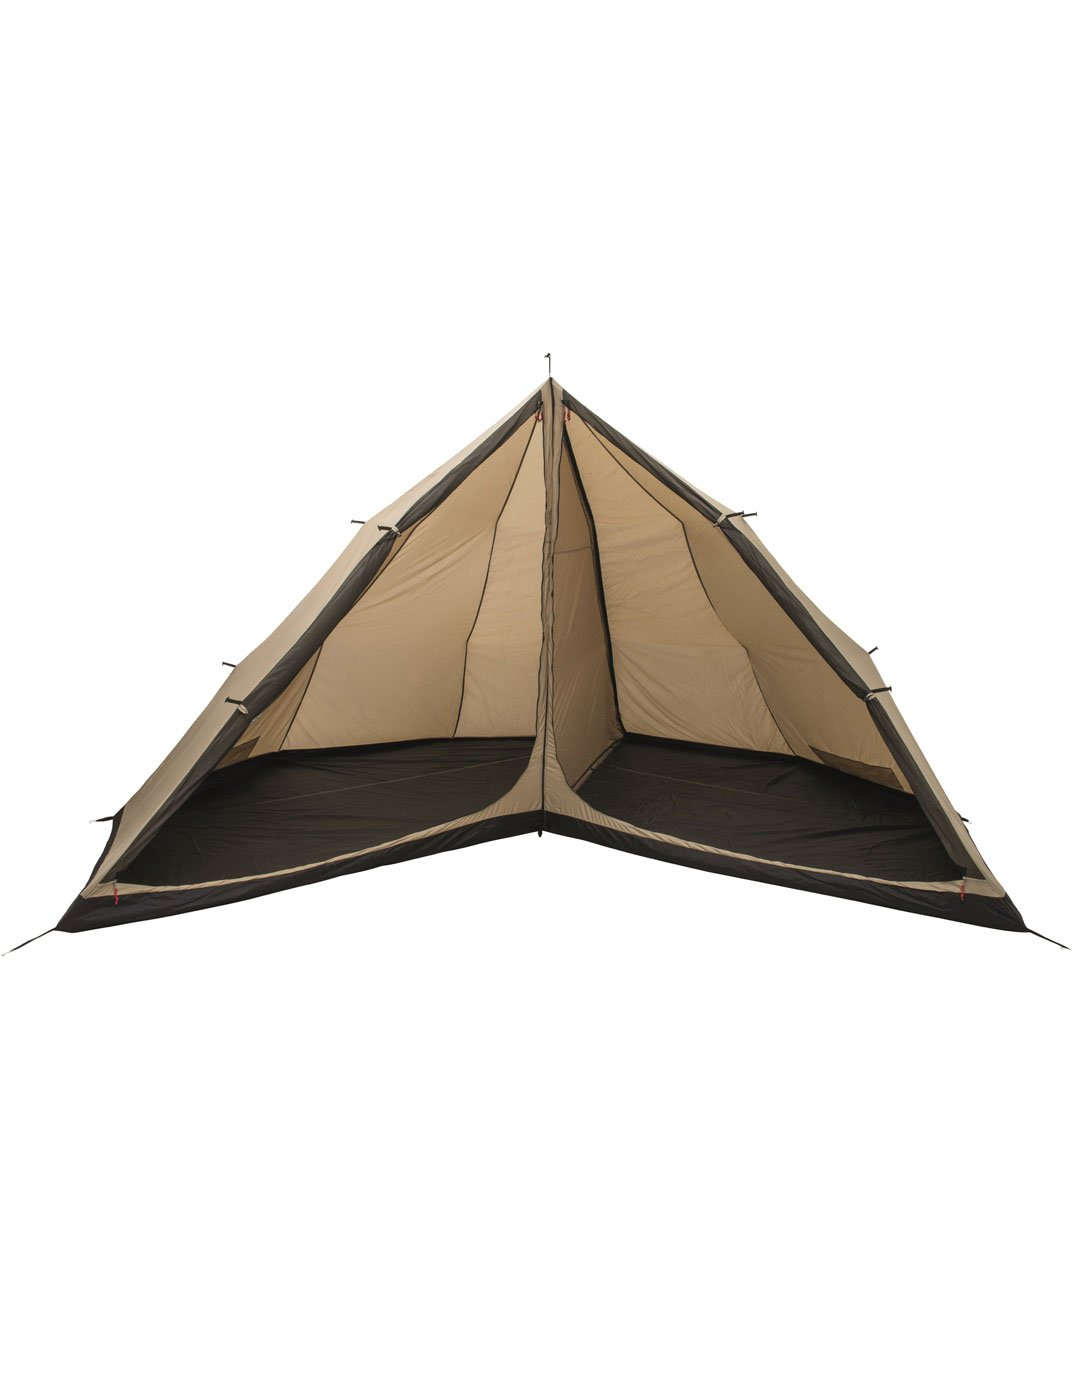 ROBENS Mohawk Inner Tent 2018 Zelt Zubehör